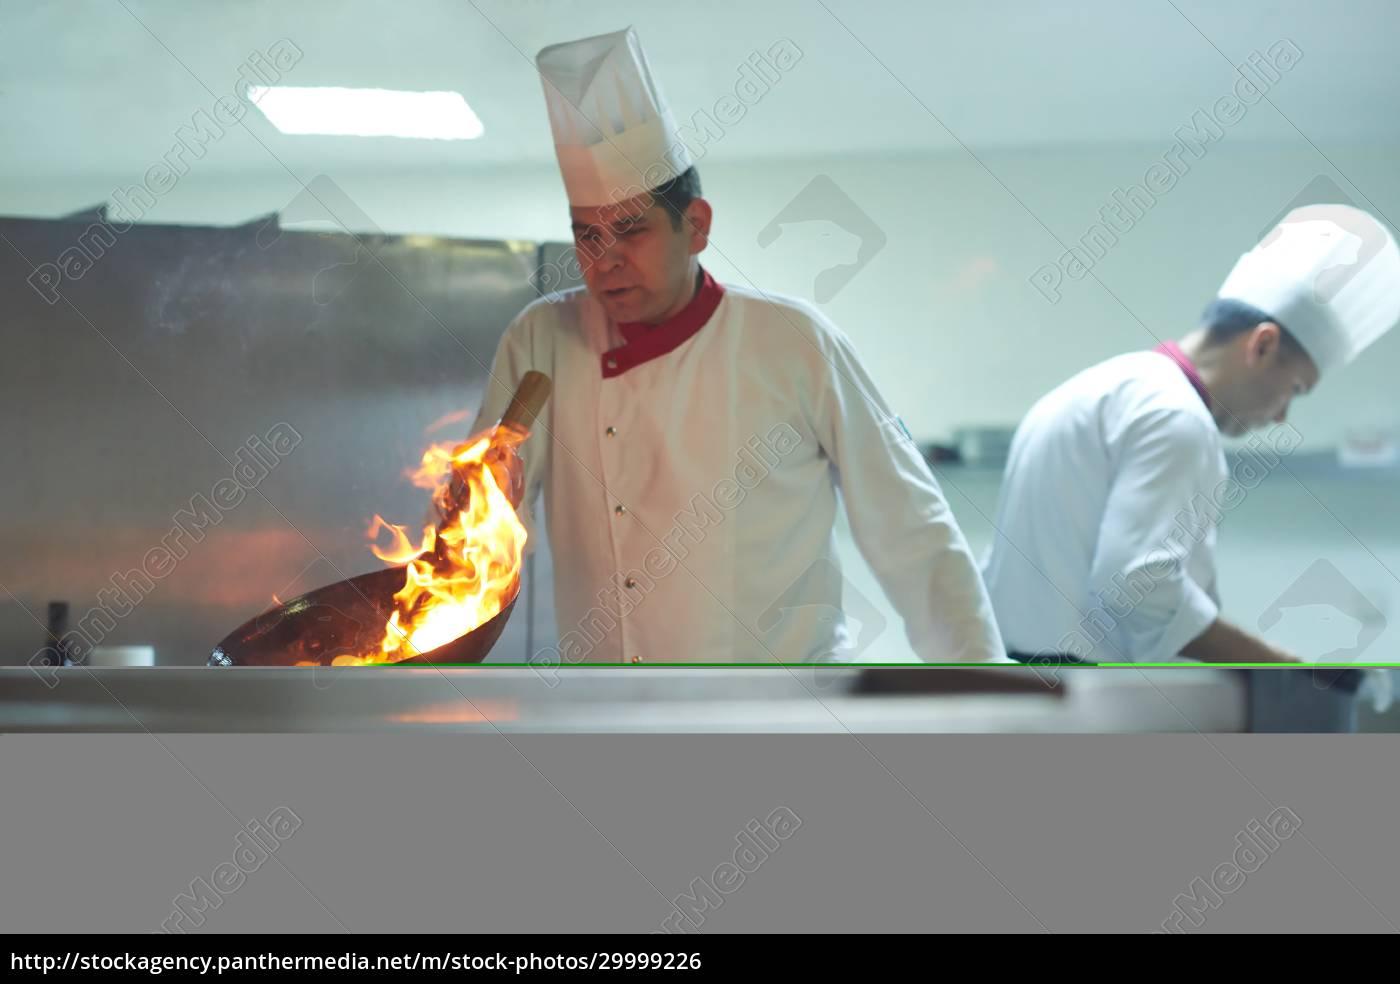 chef, in, hotel, kitchen, prepare, food - 29999226